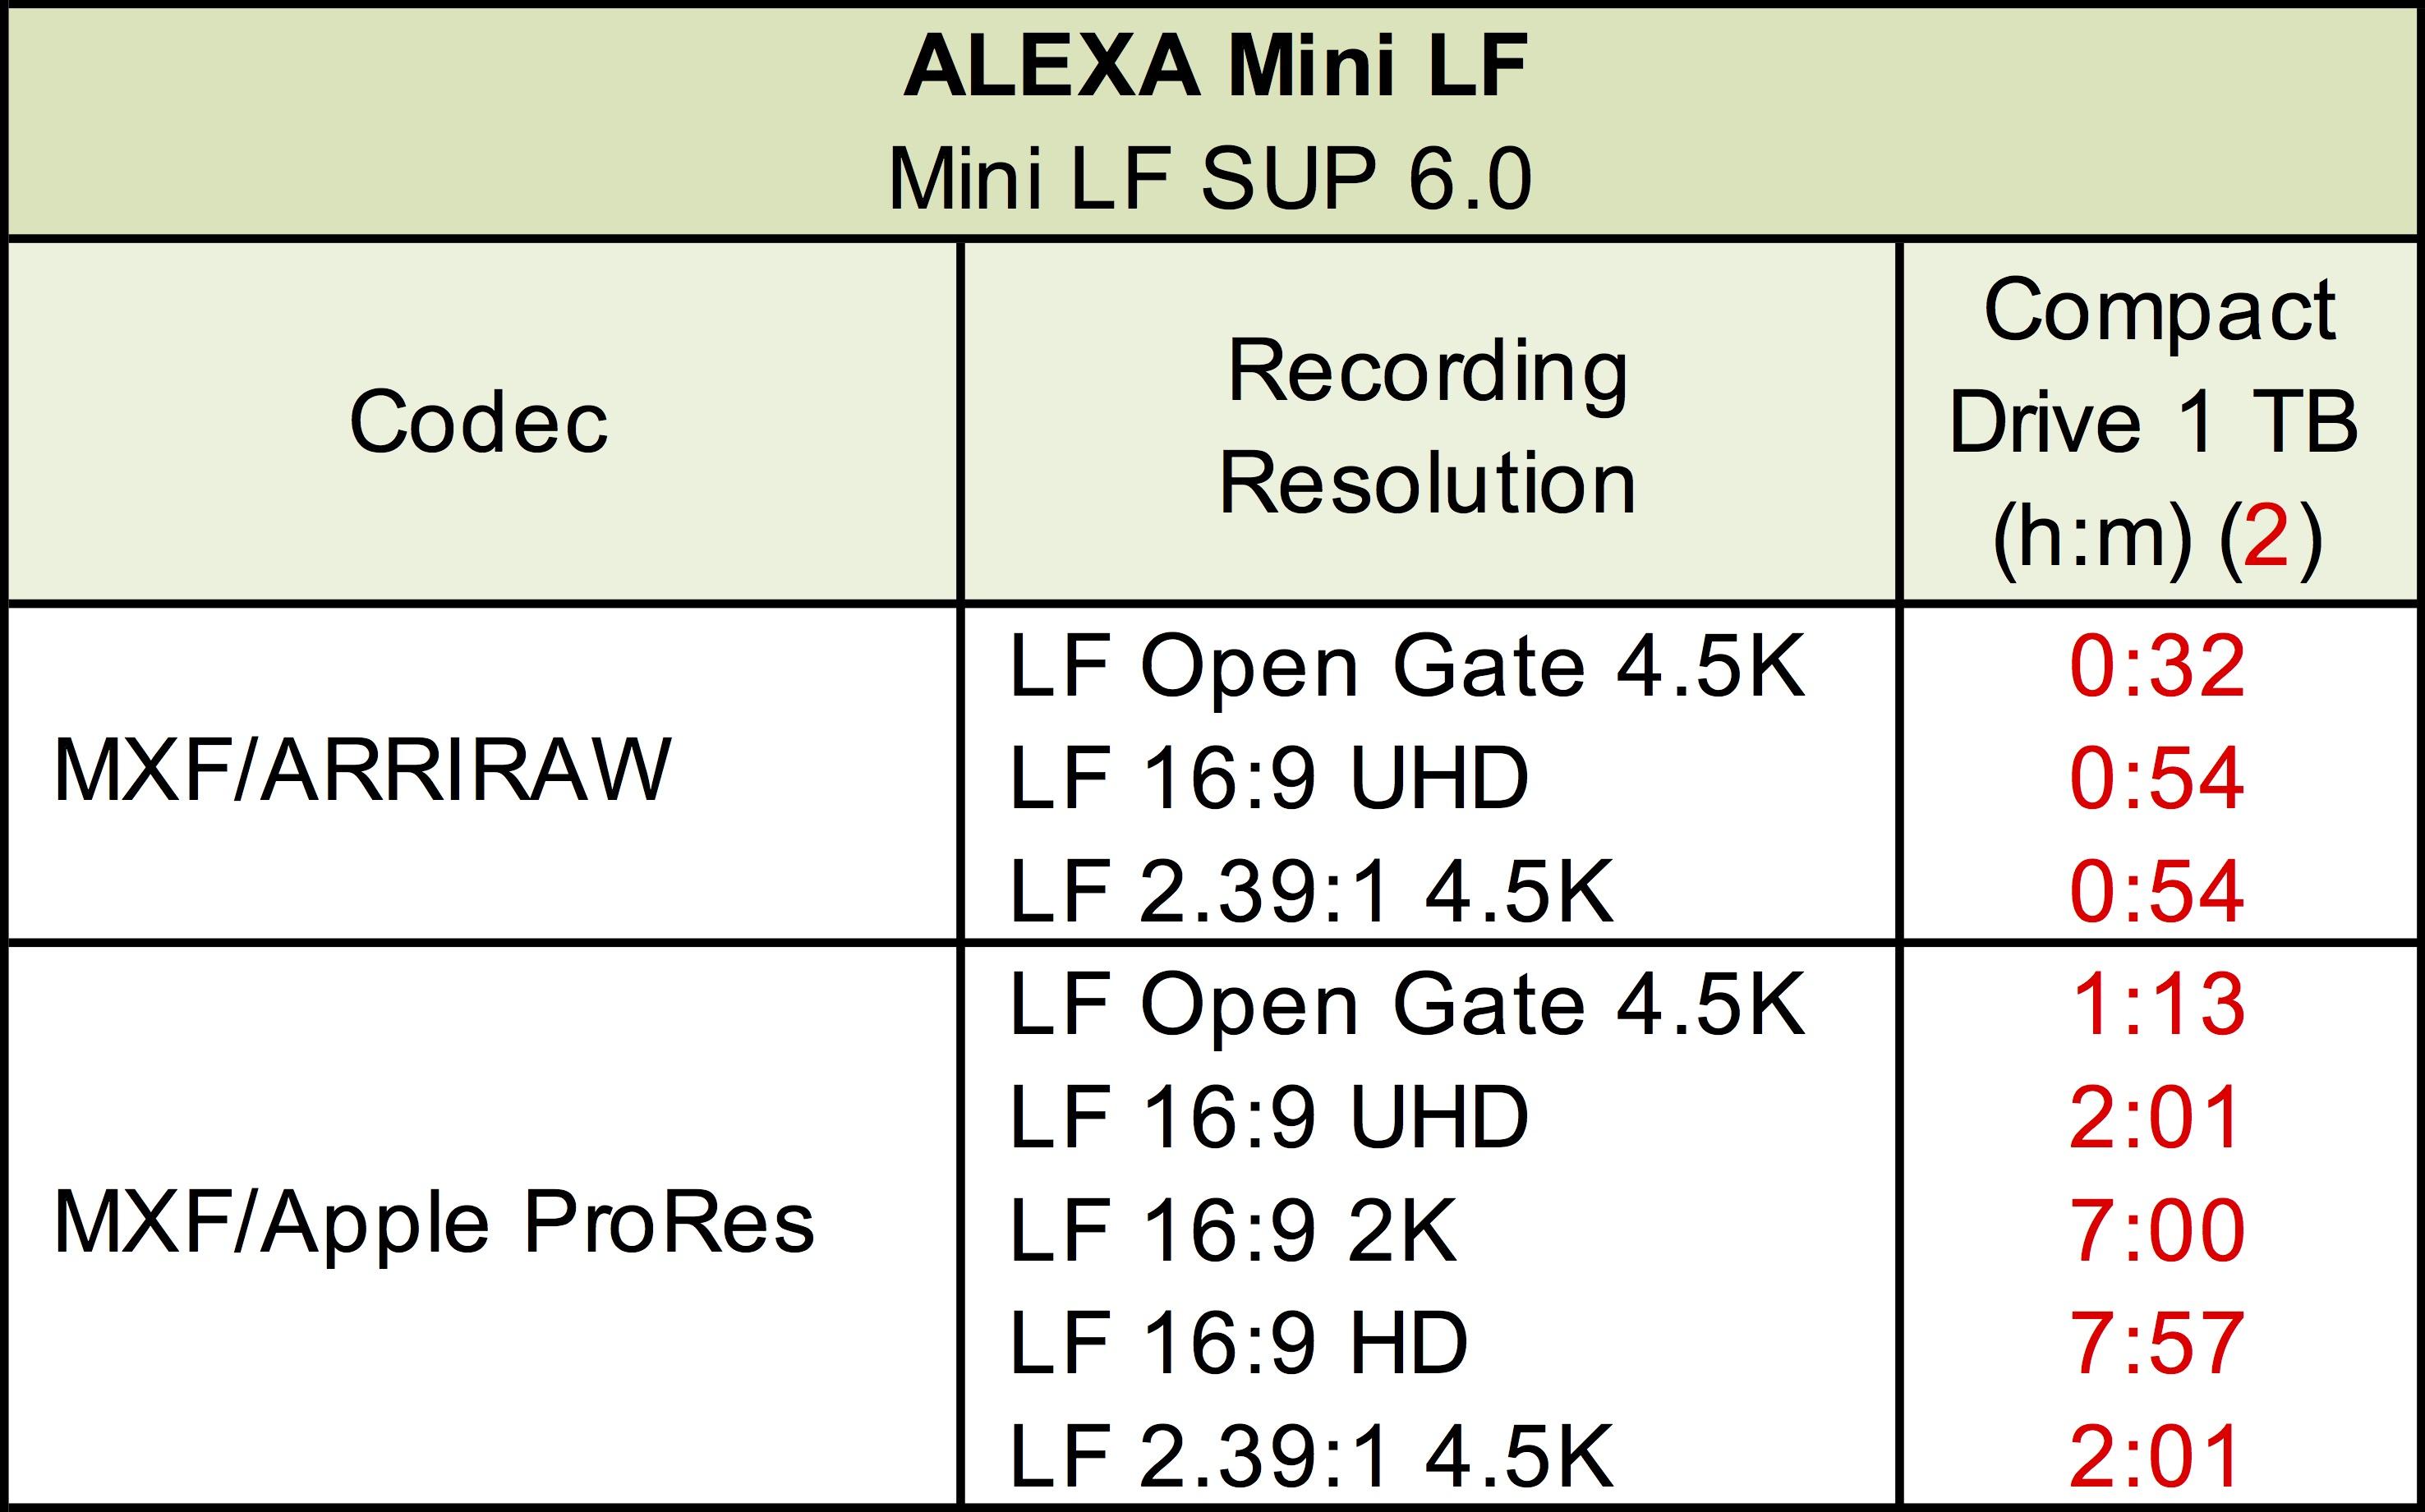 ALEXA Mini LF FAQ